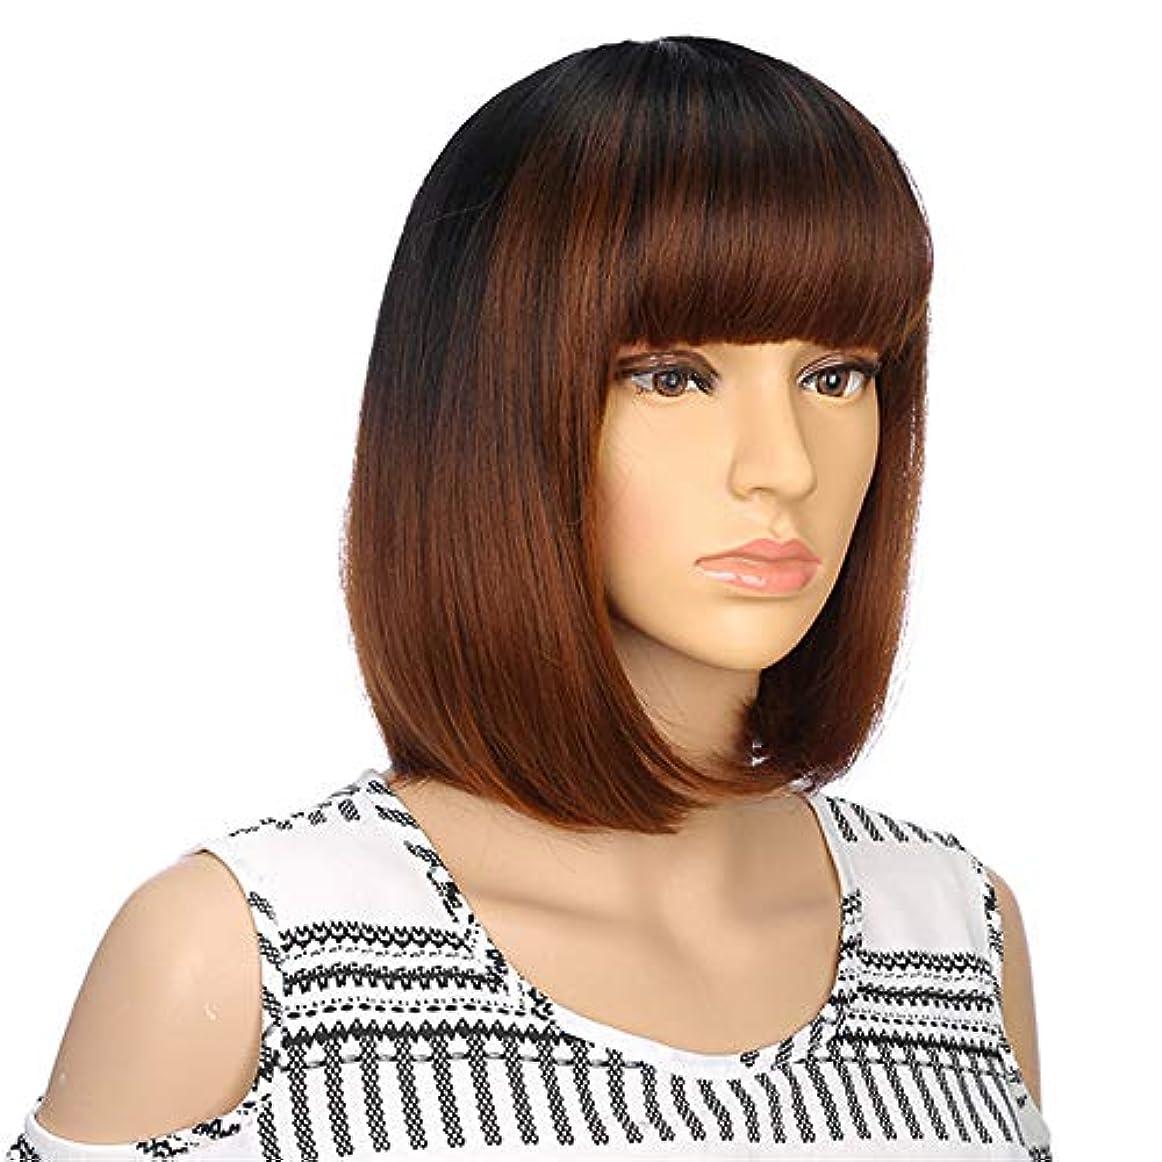 男やもめマラドロイトジャムヘアエクステンション合成ブラウンストレートウィッグ女性用前髪長ボブヘアウィッグ耐熱ヘアスタイルコスプレウィッグ13インチ